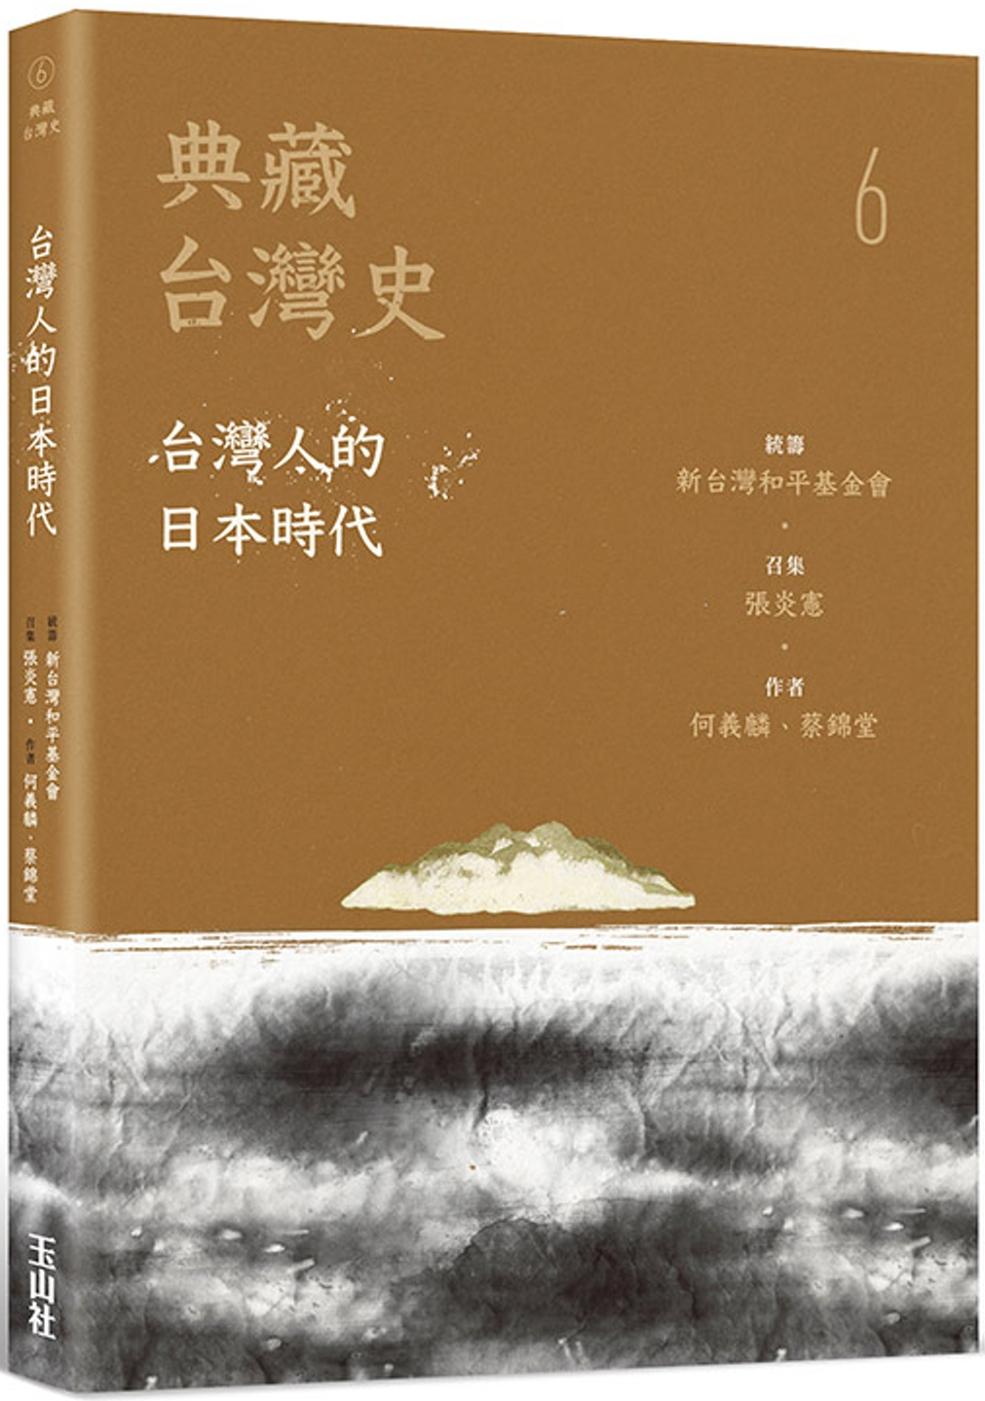 典藏台灣史(六)台灣人的日本時代